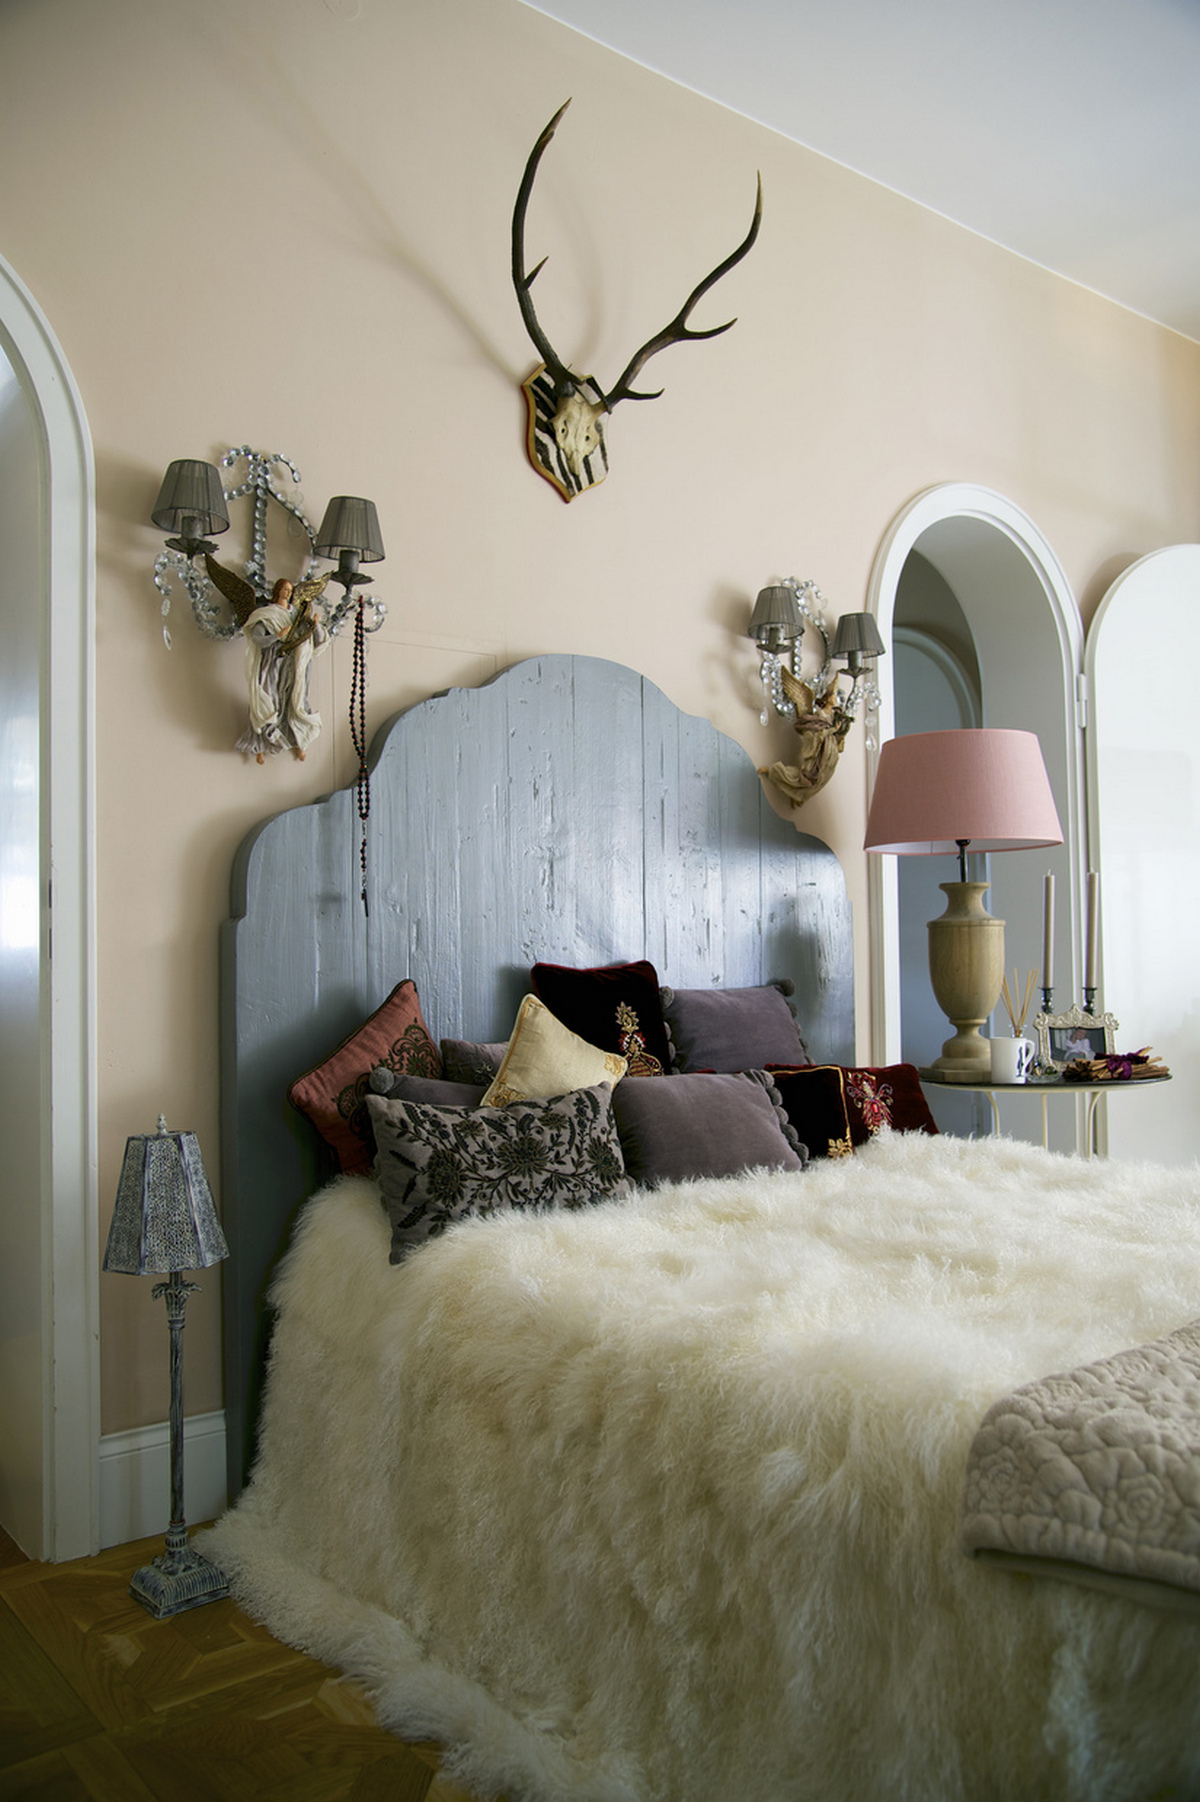 красивая спальня в стиле шале элементы дизайна